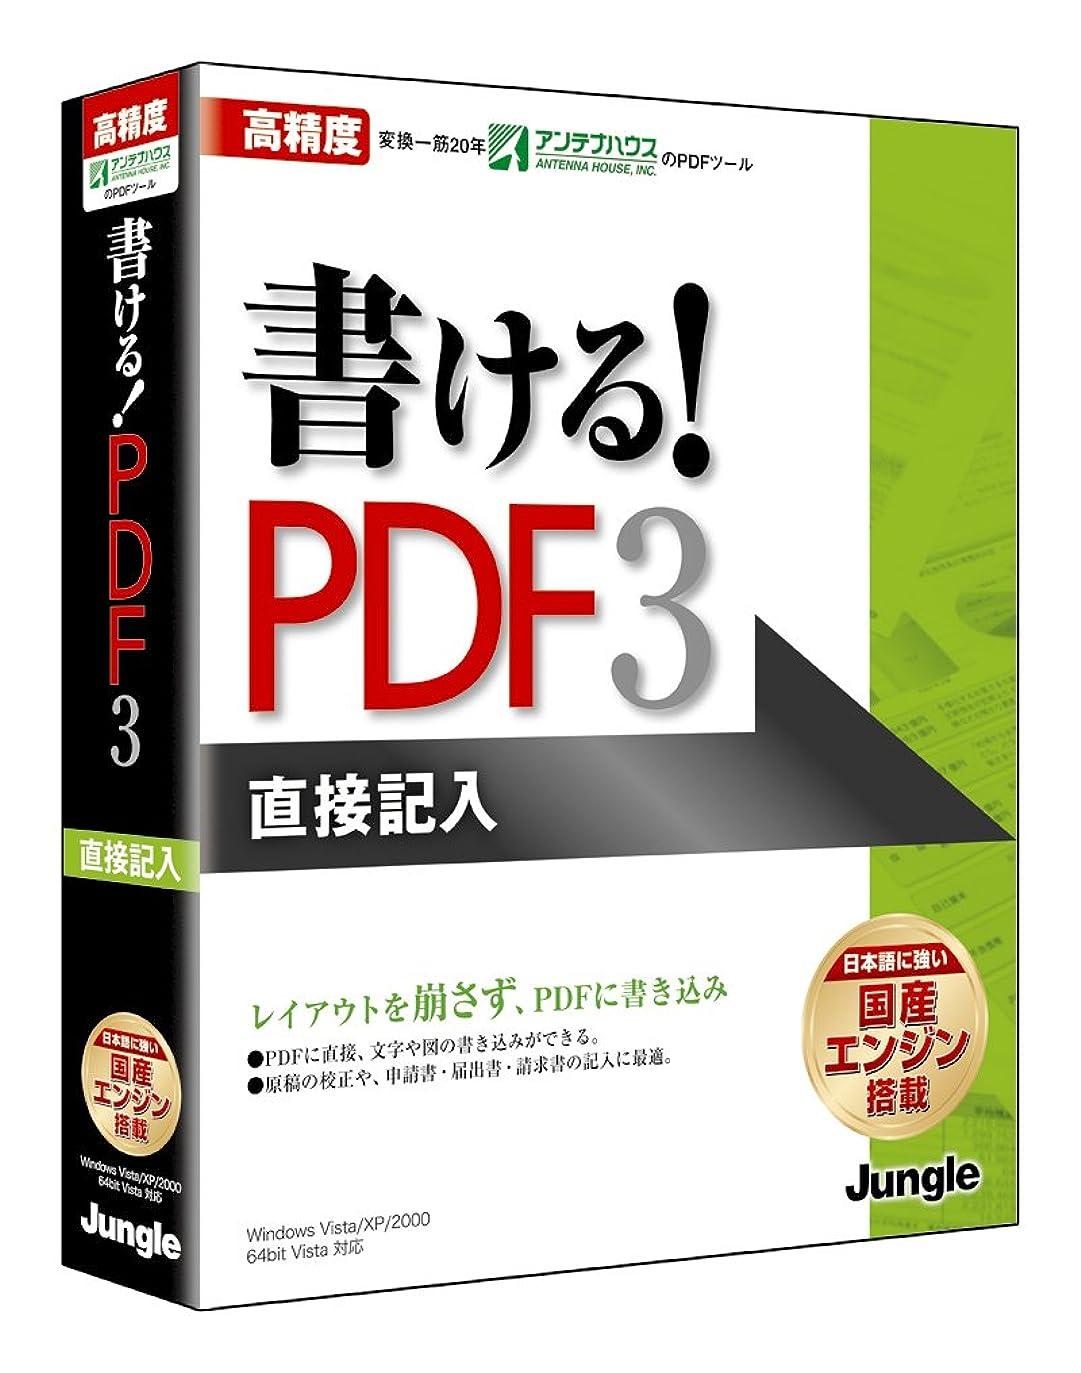 フィードバッククライアント代わりの書ける!PDF3